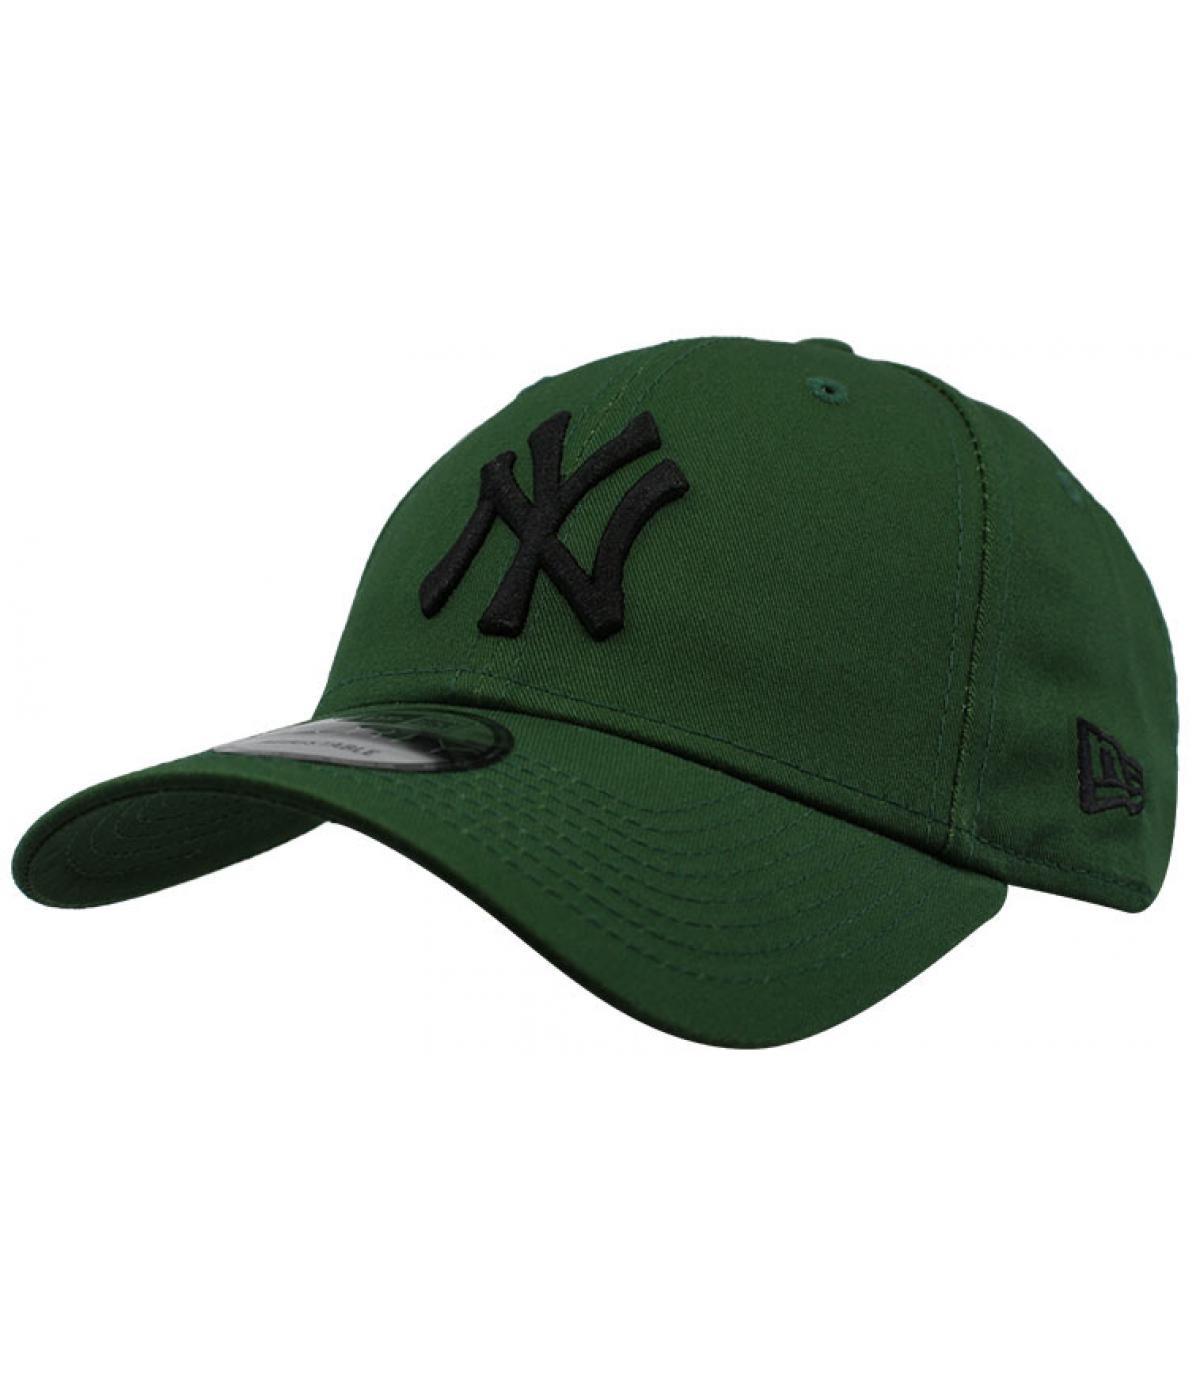 Details Kinder Cap League Ess NY green black - Abbildung 2